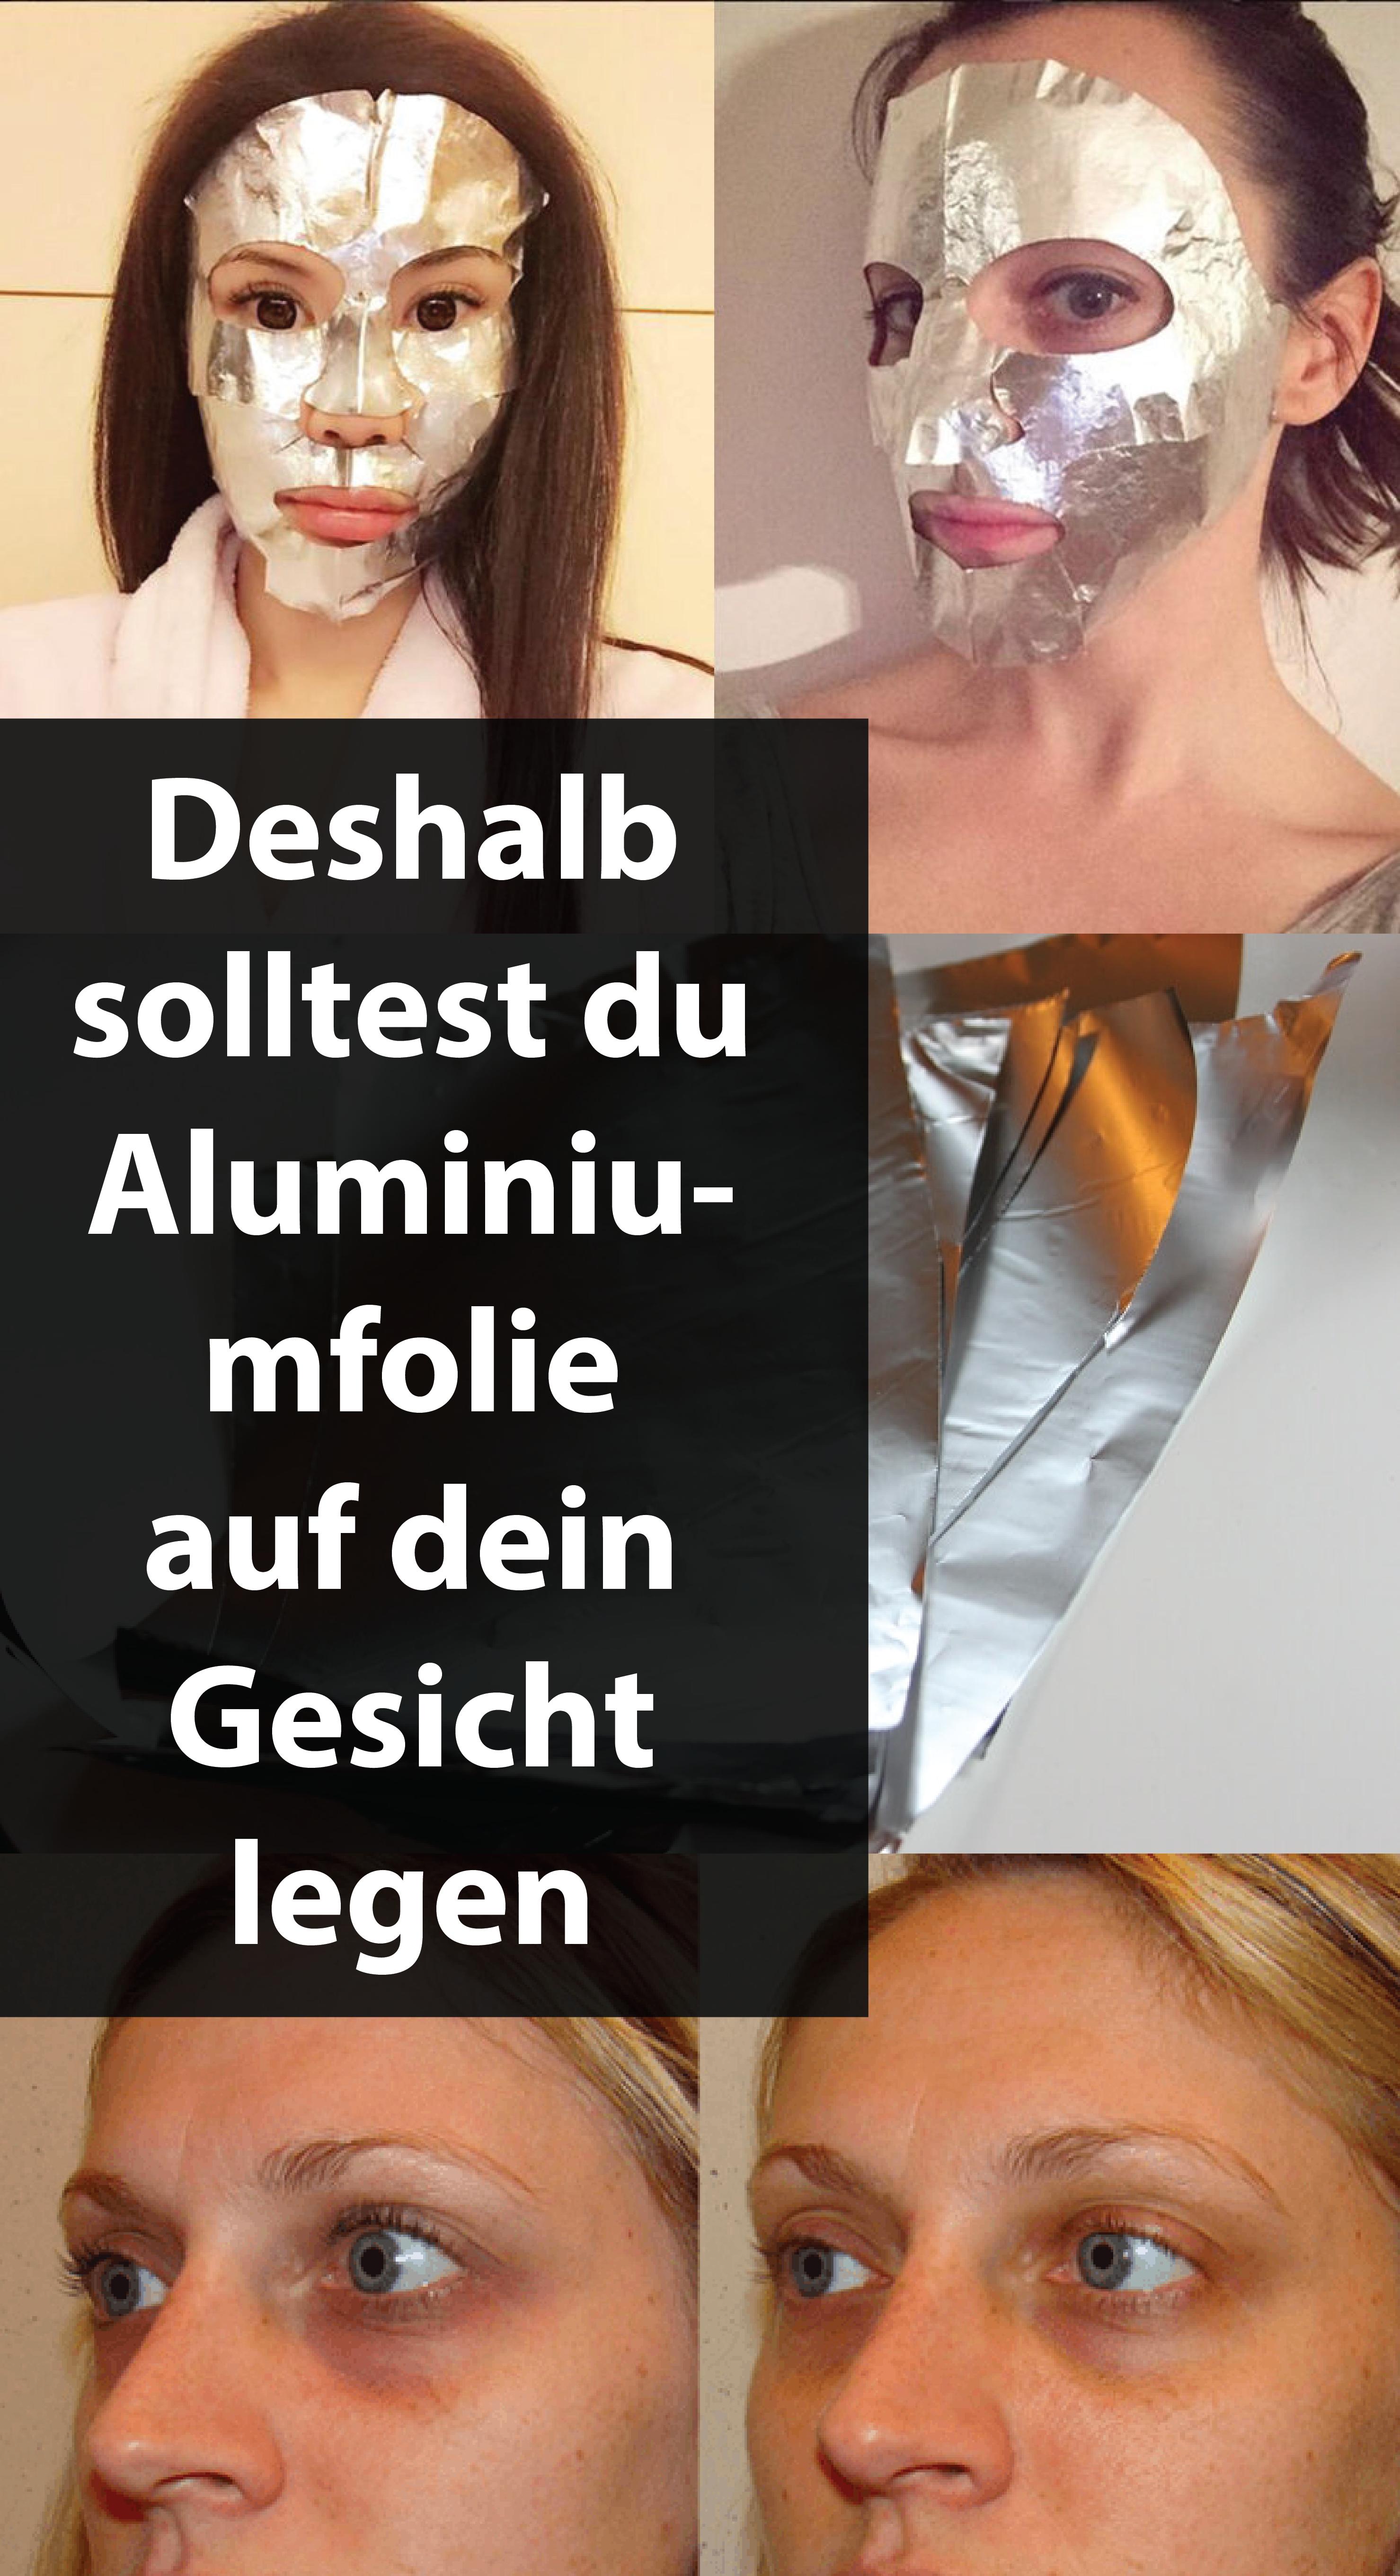 Deshalb solltest du Aluminiumfolie auf dein Gesicht legen